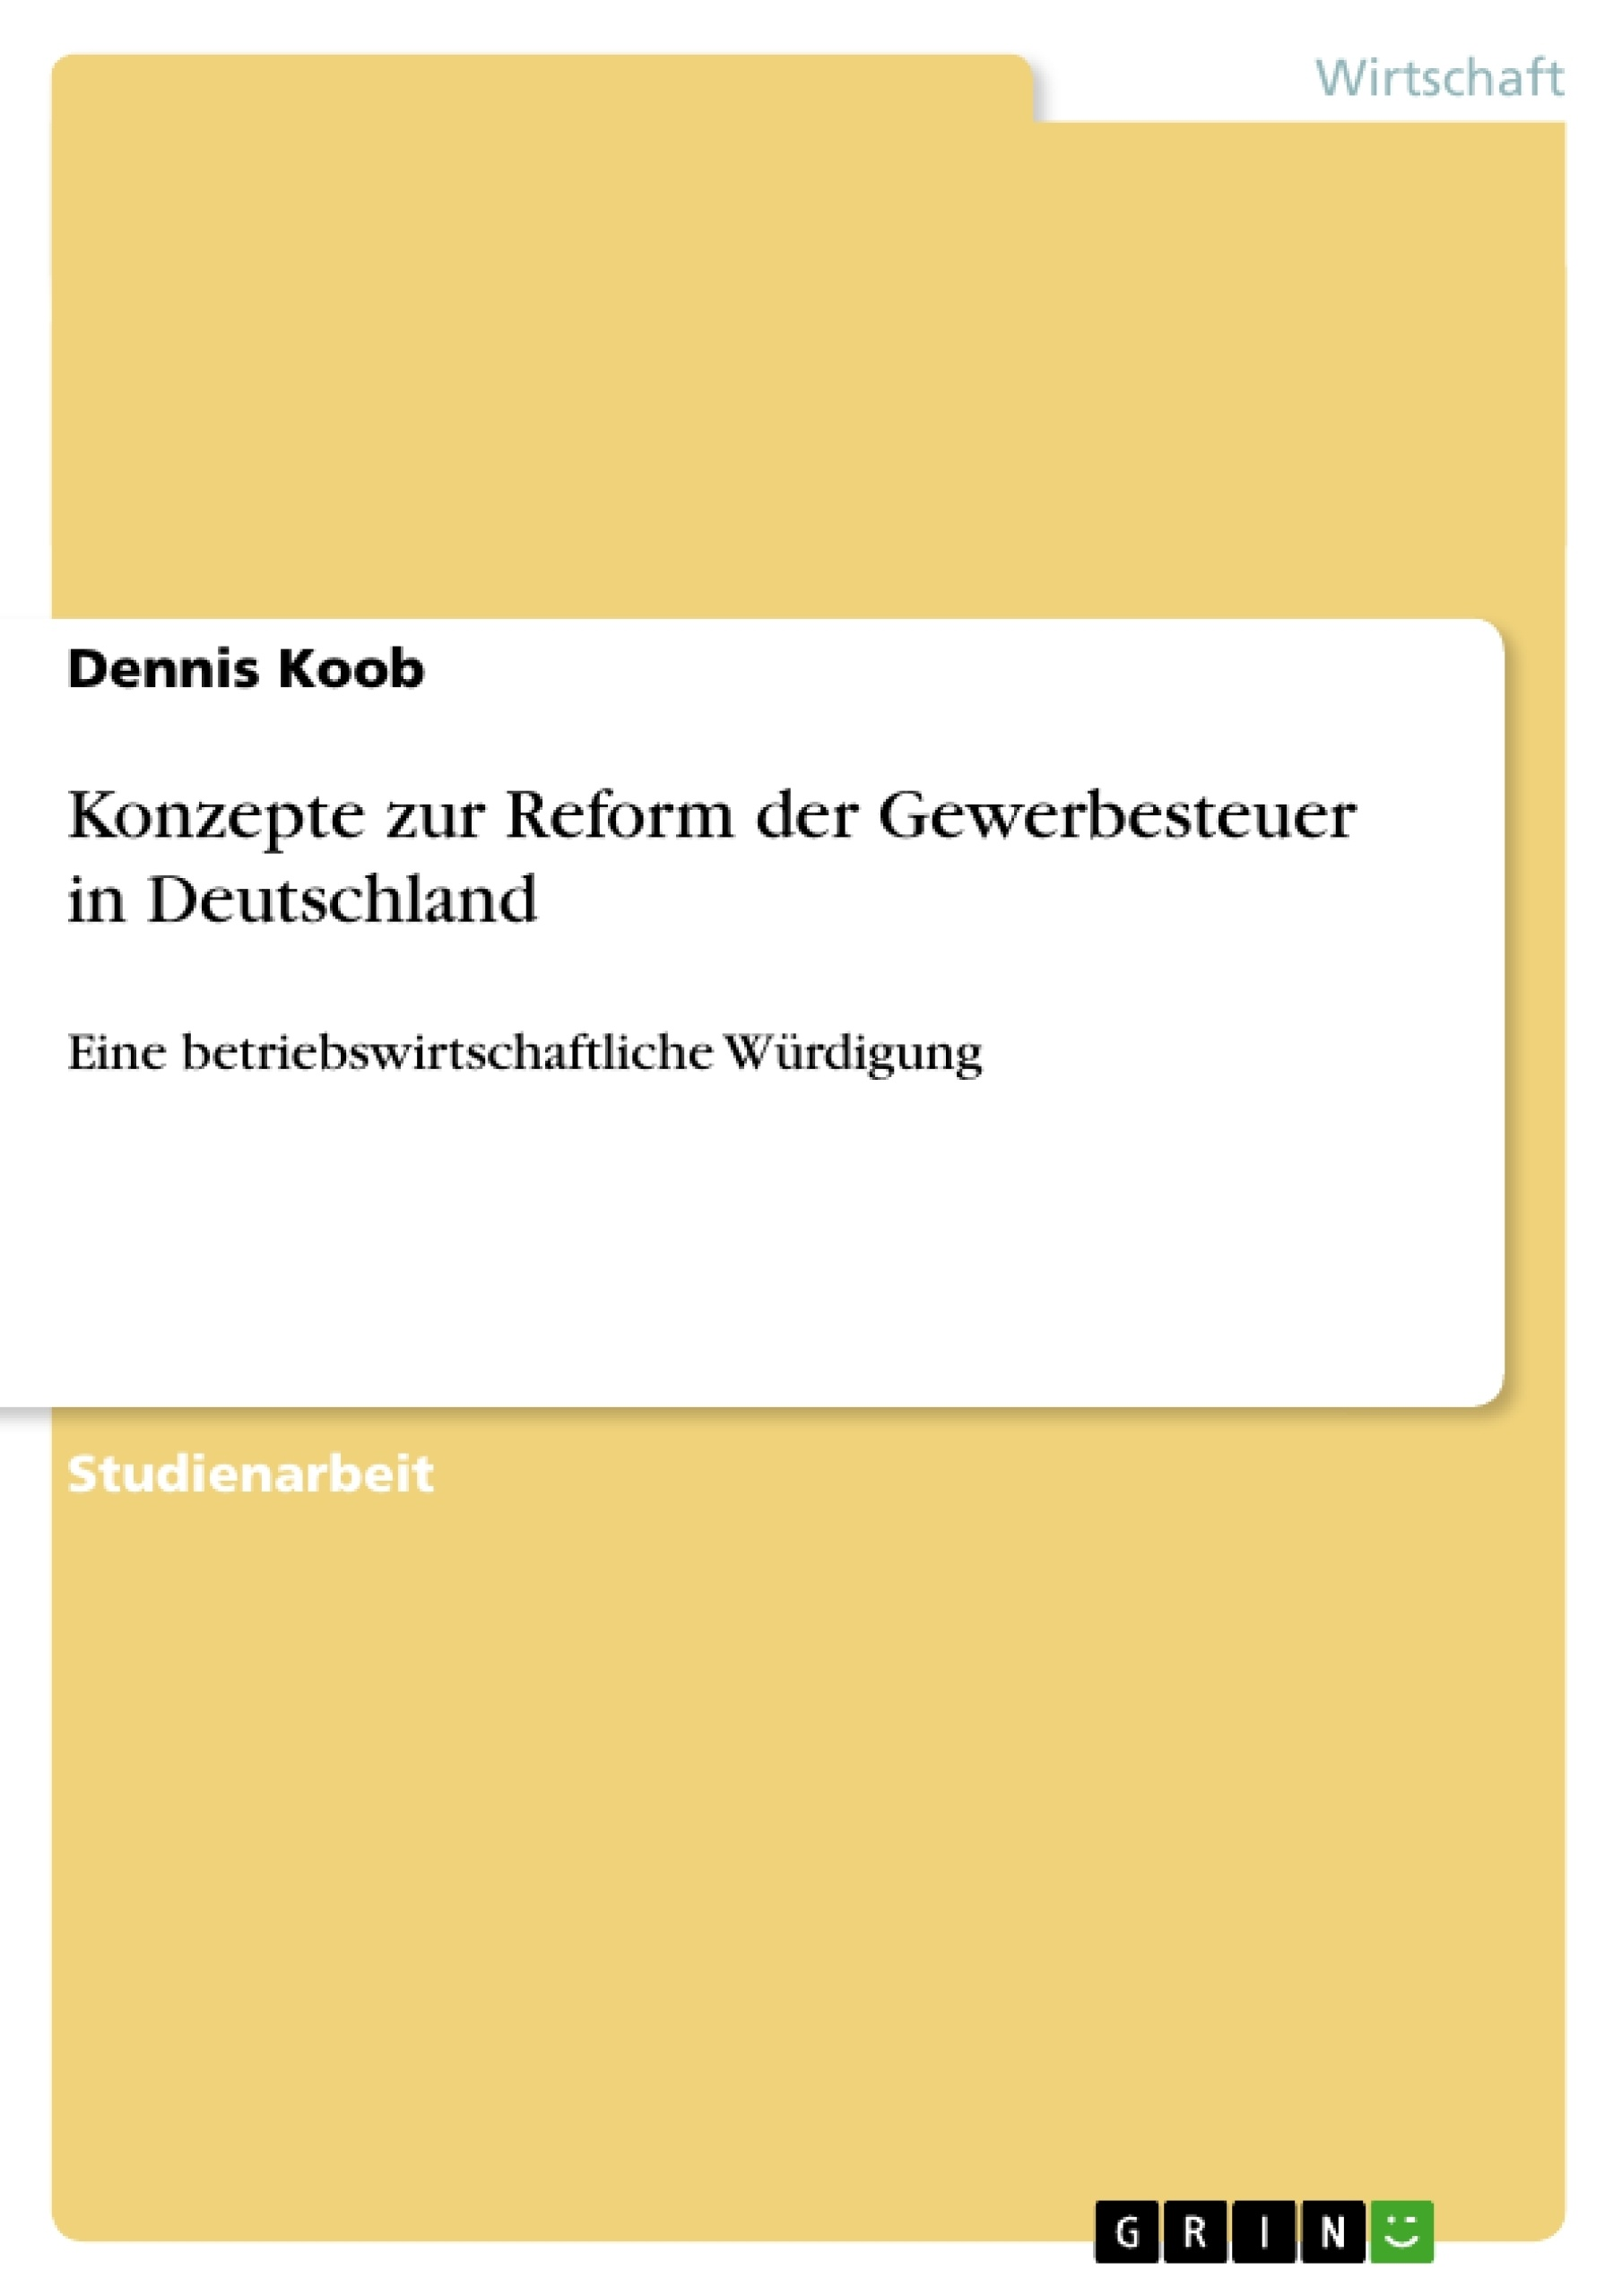 Titel: Konzepte zur Reform der Gewerbesteuer in Deutschland